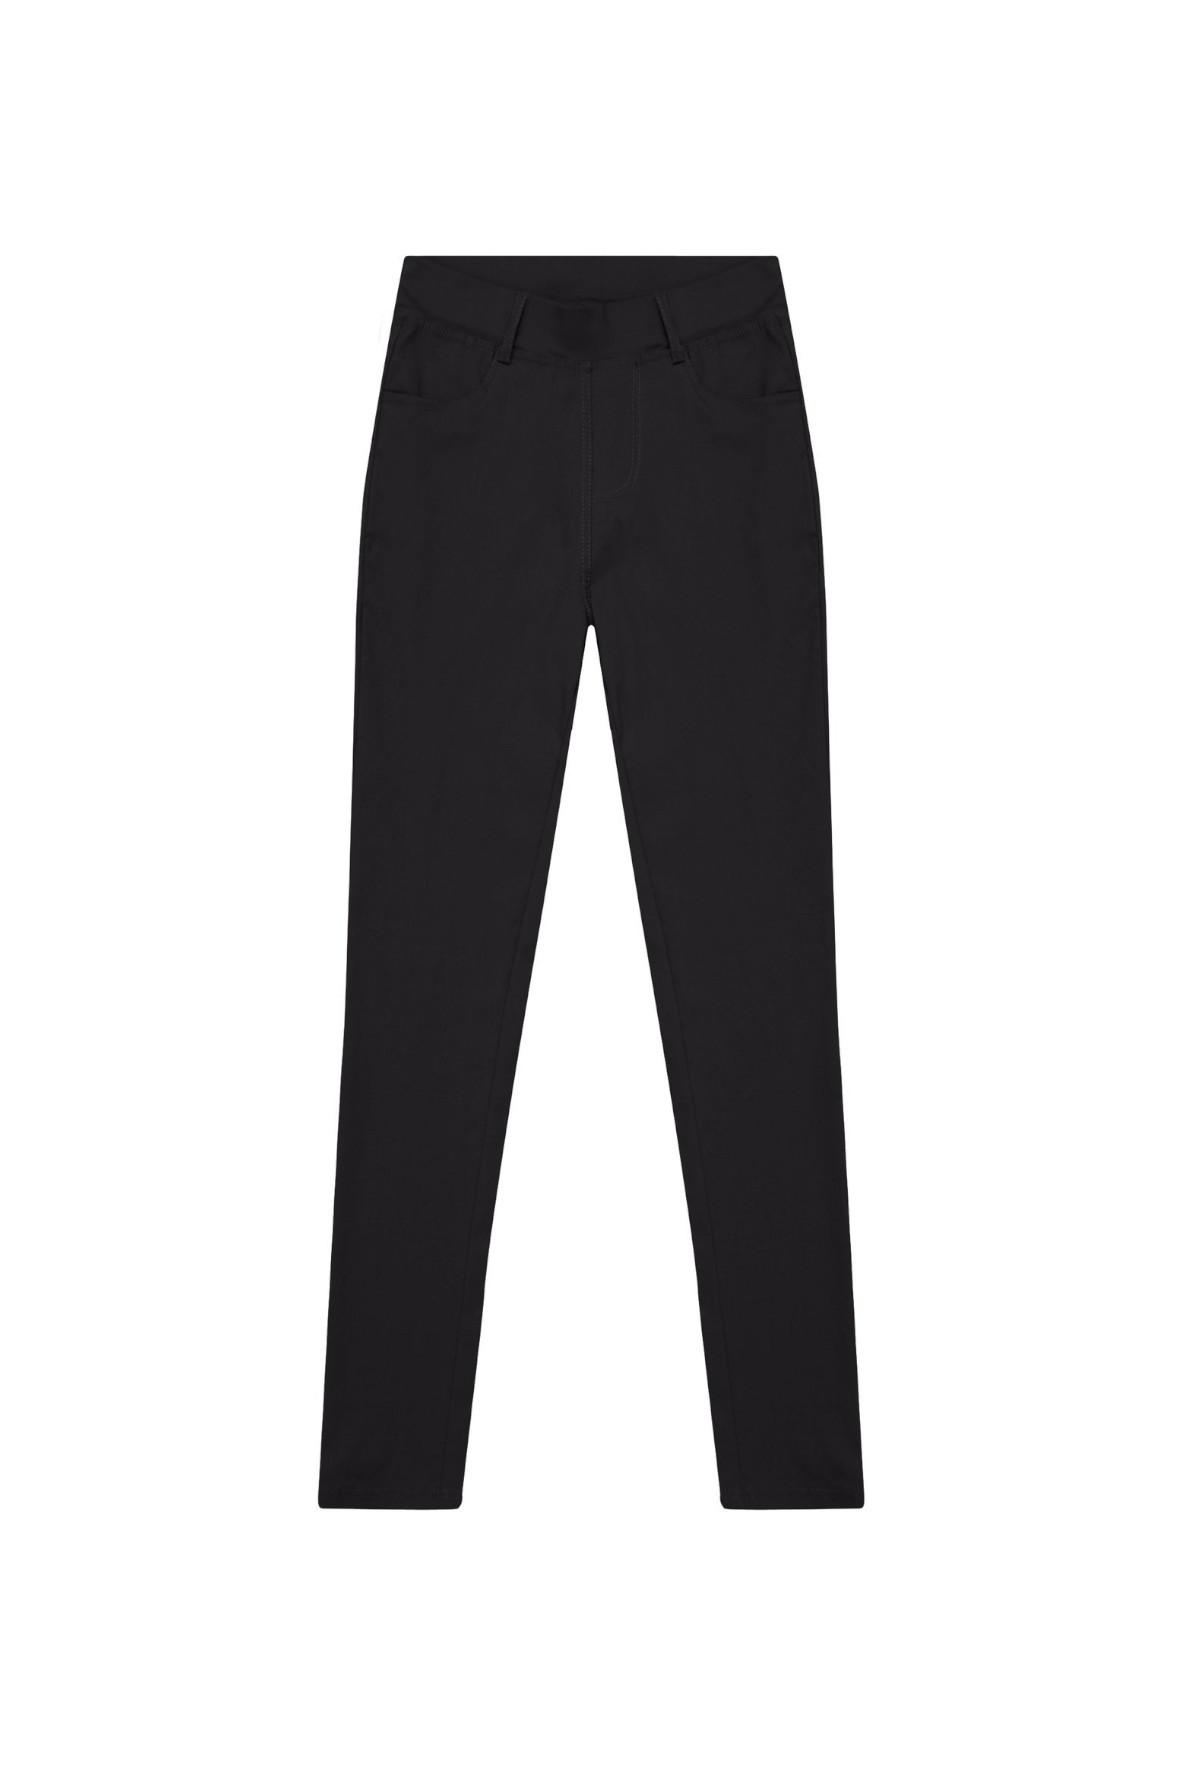 Jegginsy damskie w kolorze czarnym